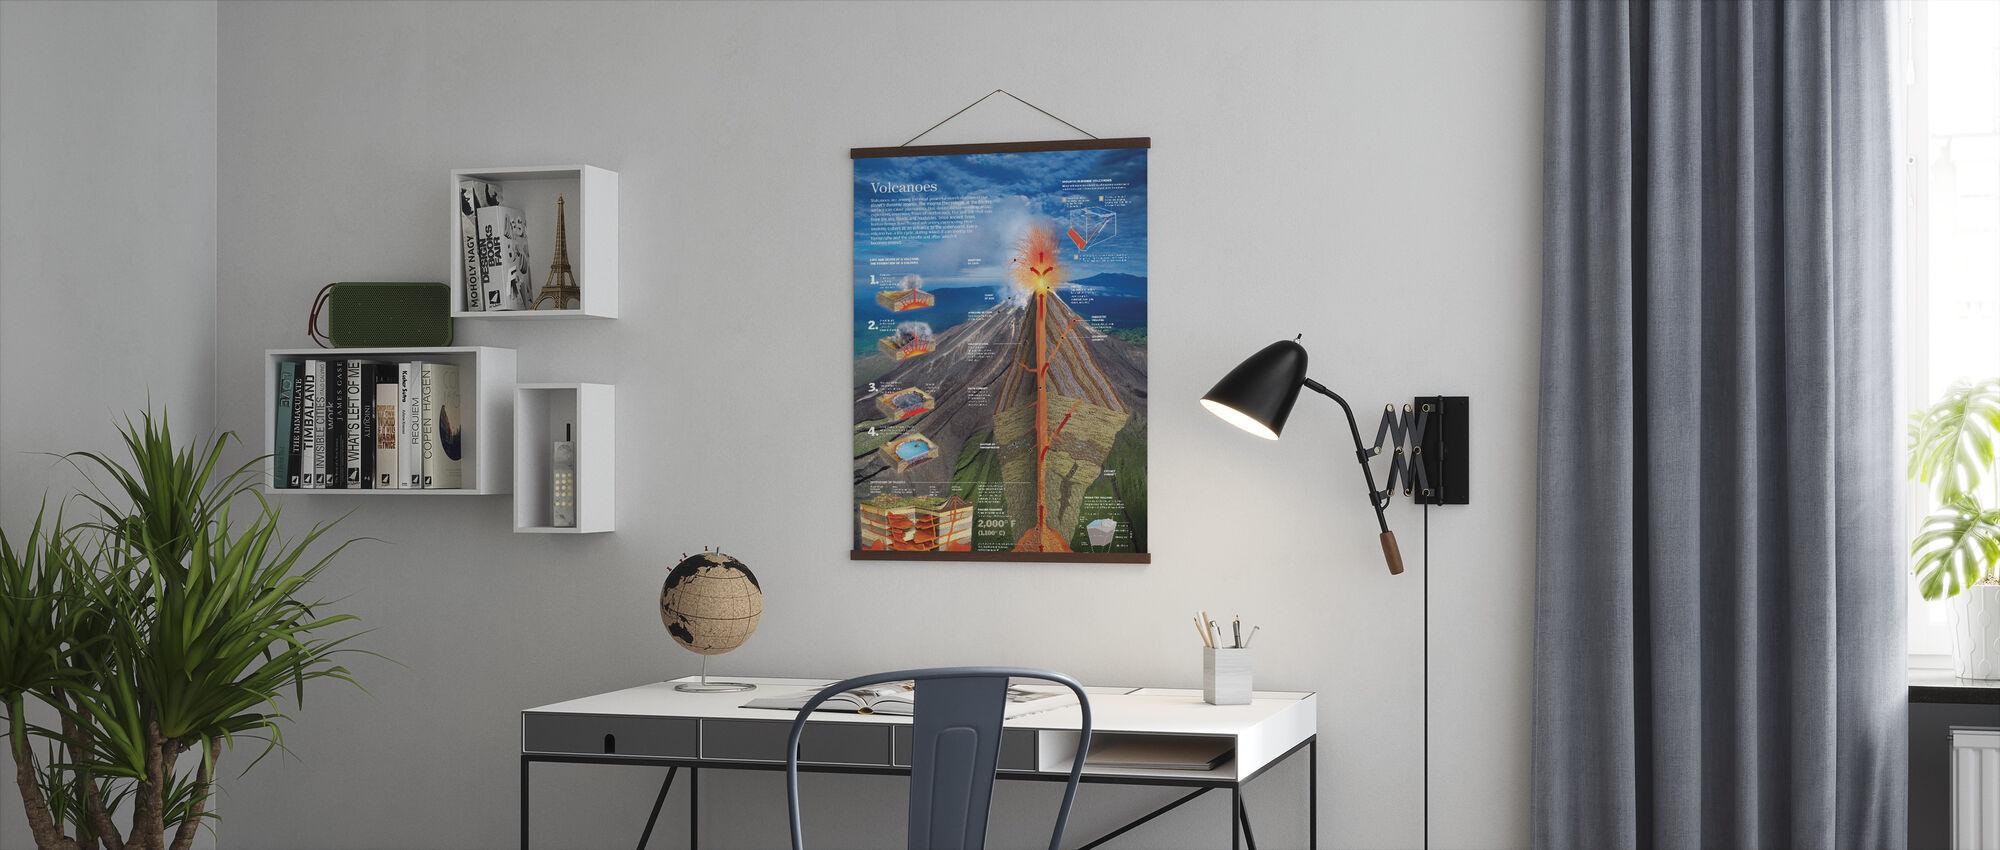 Tulivuoria - Juliste - Toimisto